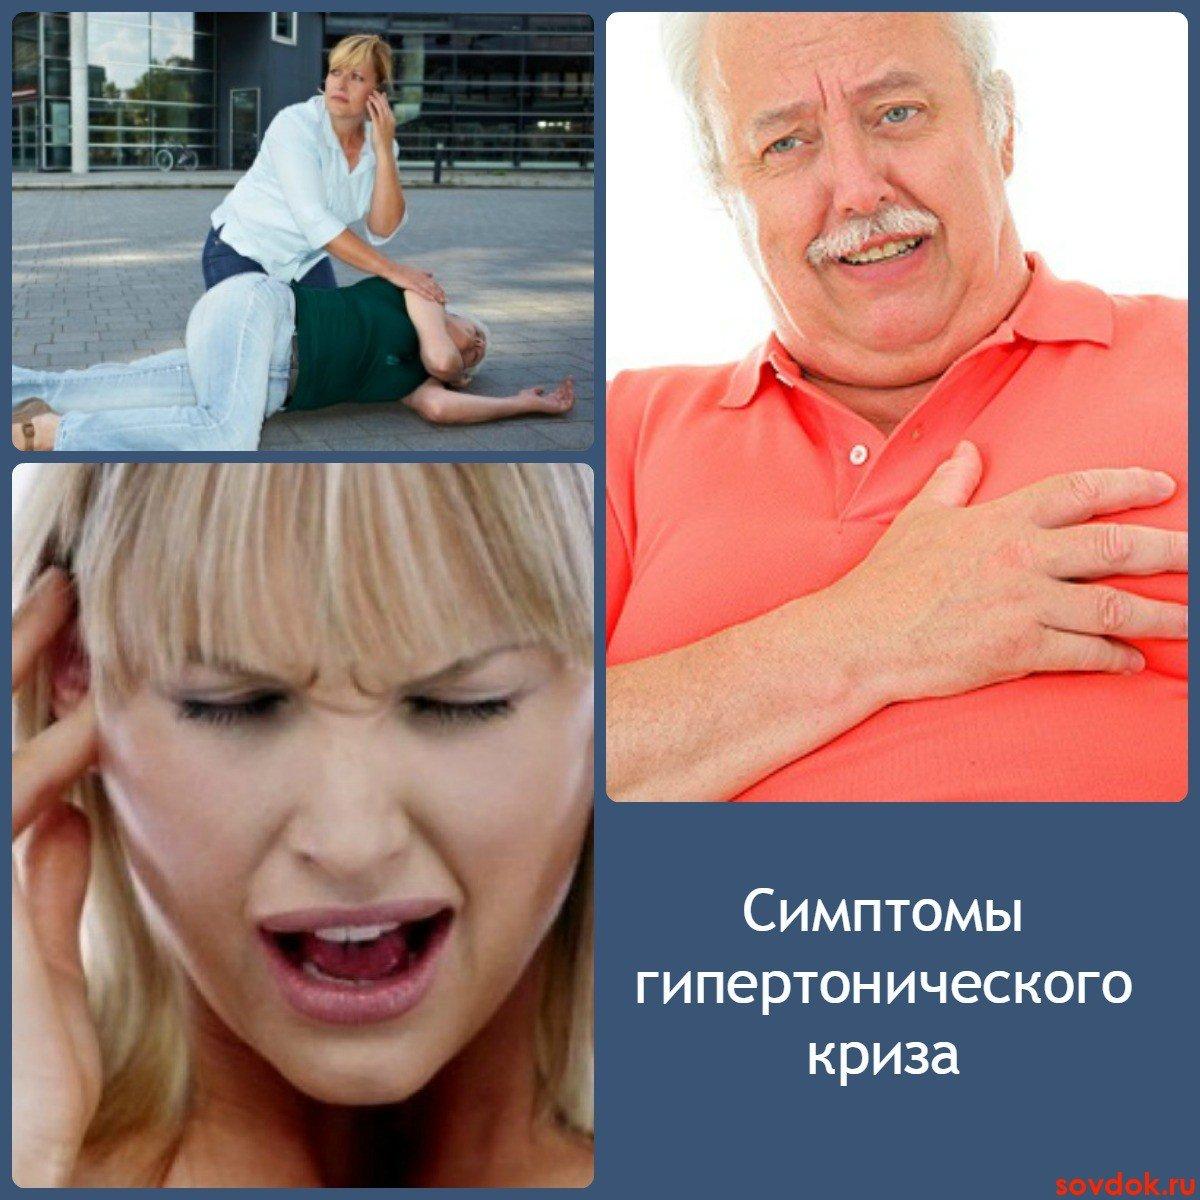 Гипертонический криз: первая и неотложная помощь 80